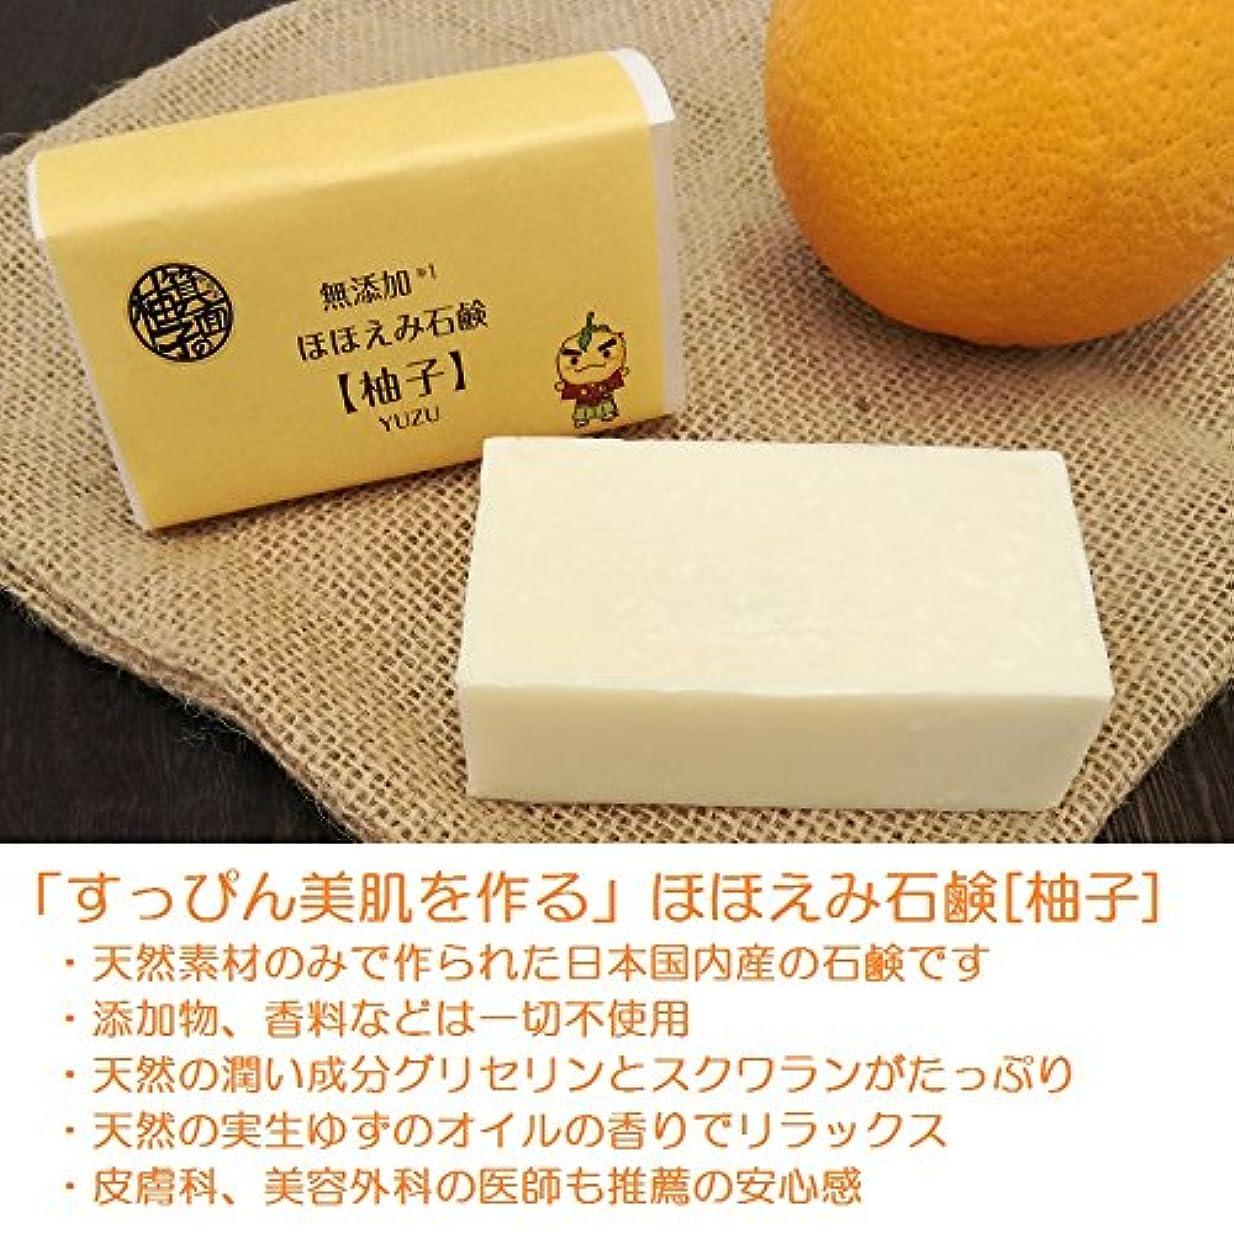 機関修正予言するすっぴん美肌を作る ほほえみ石鹸 柚子 オリーブオイル 無添加 オーガニック 日本製 80g